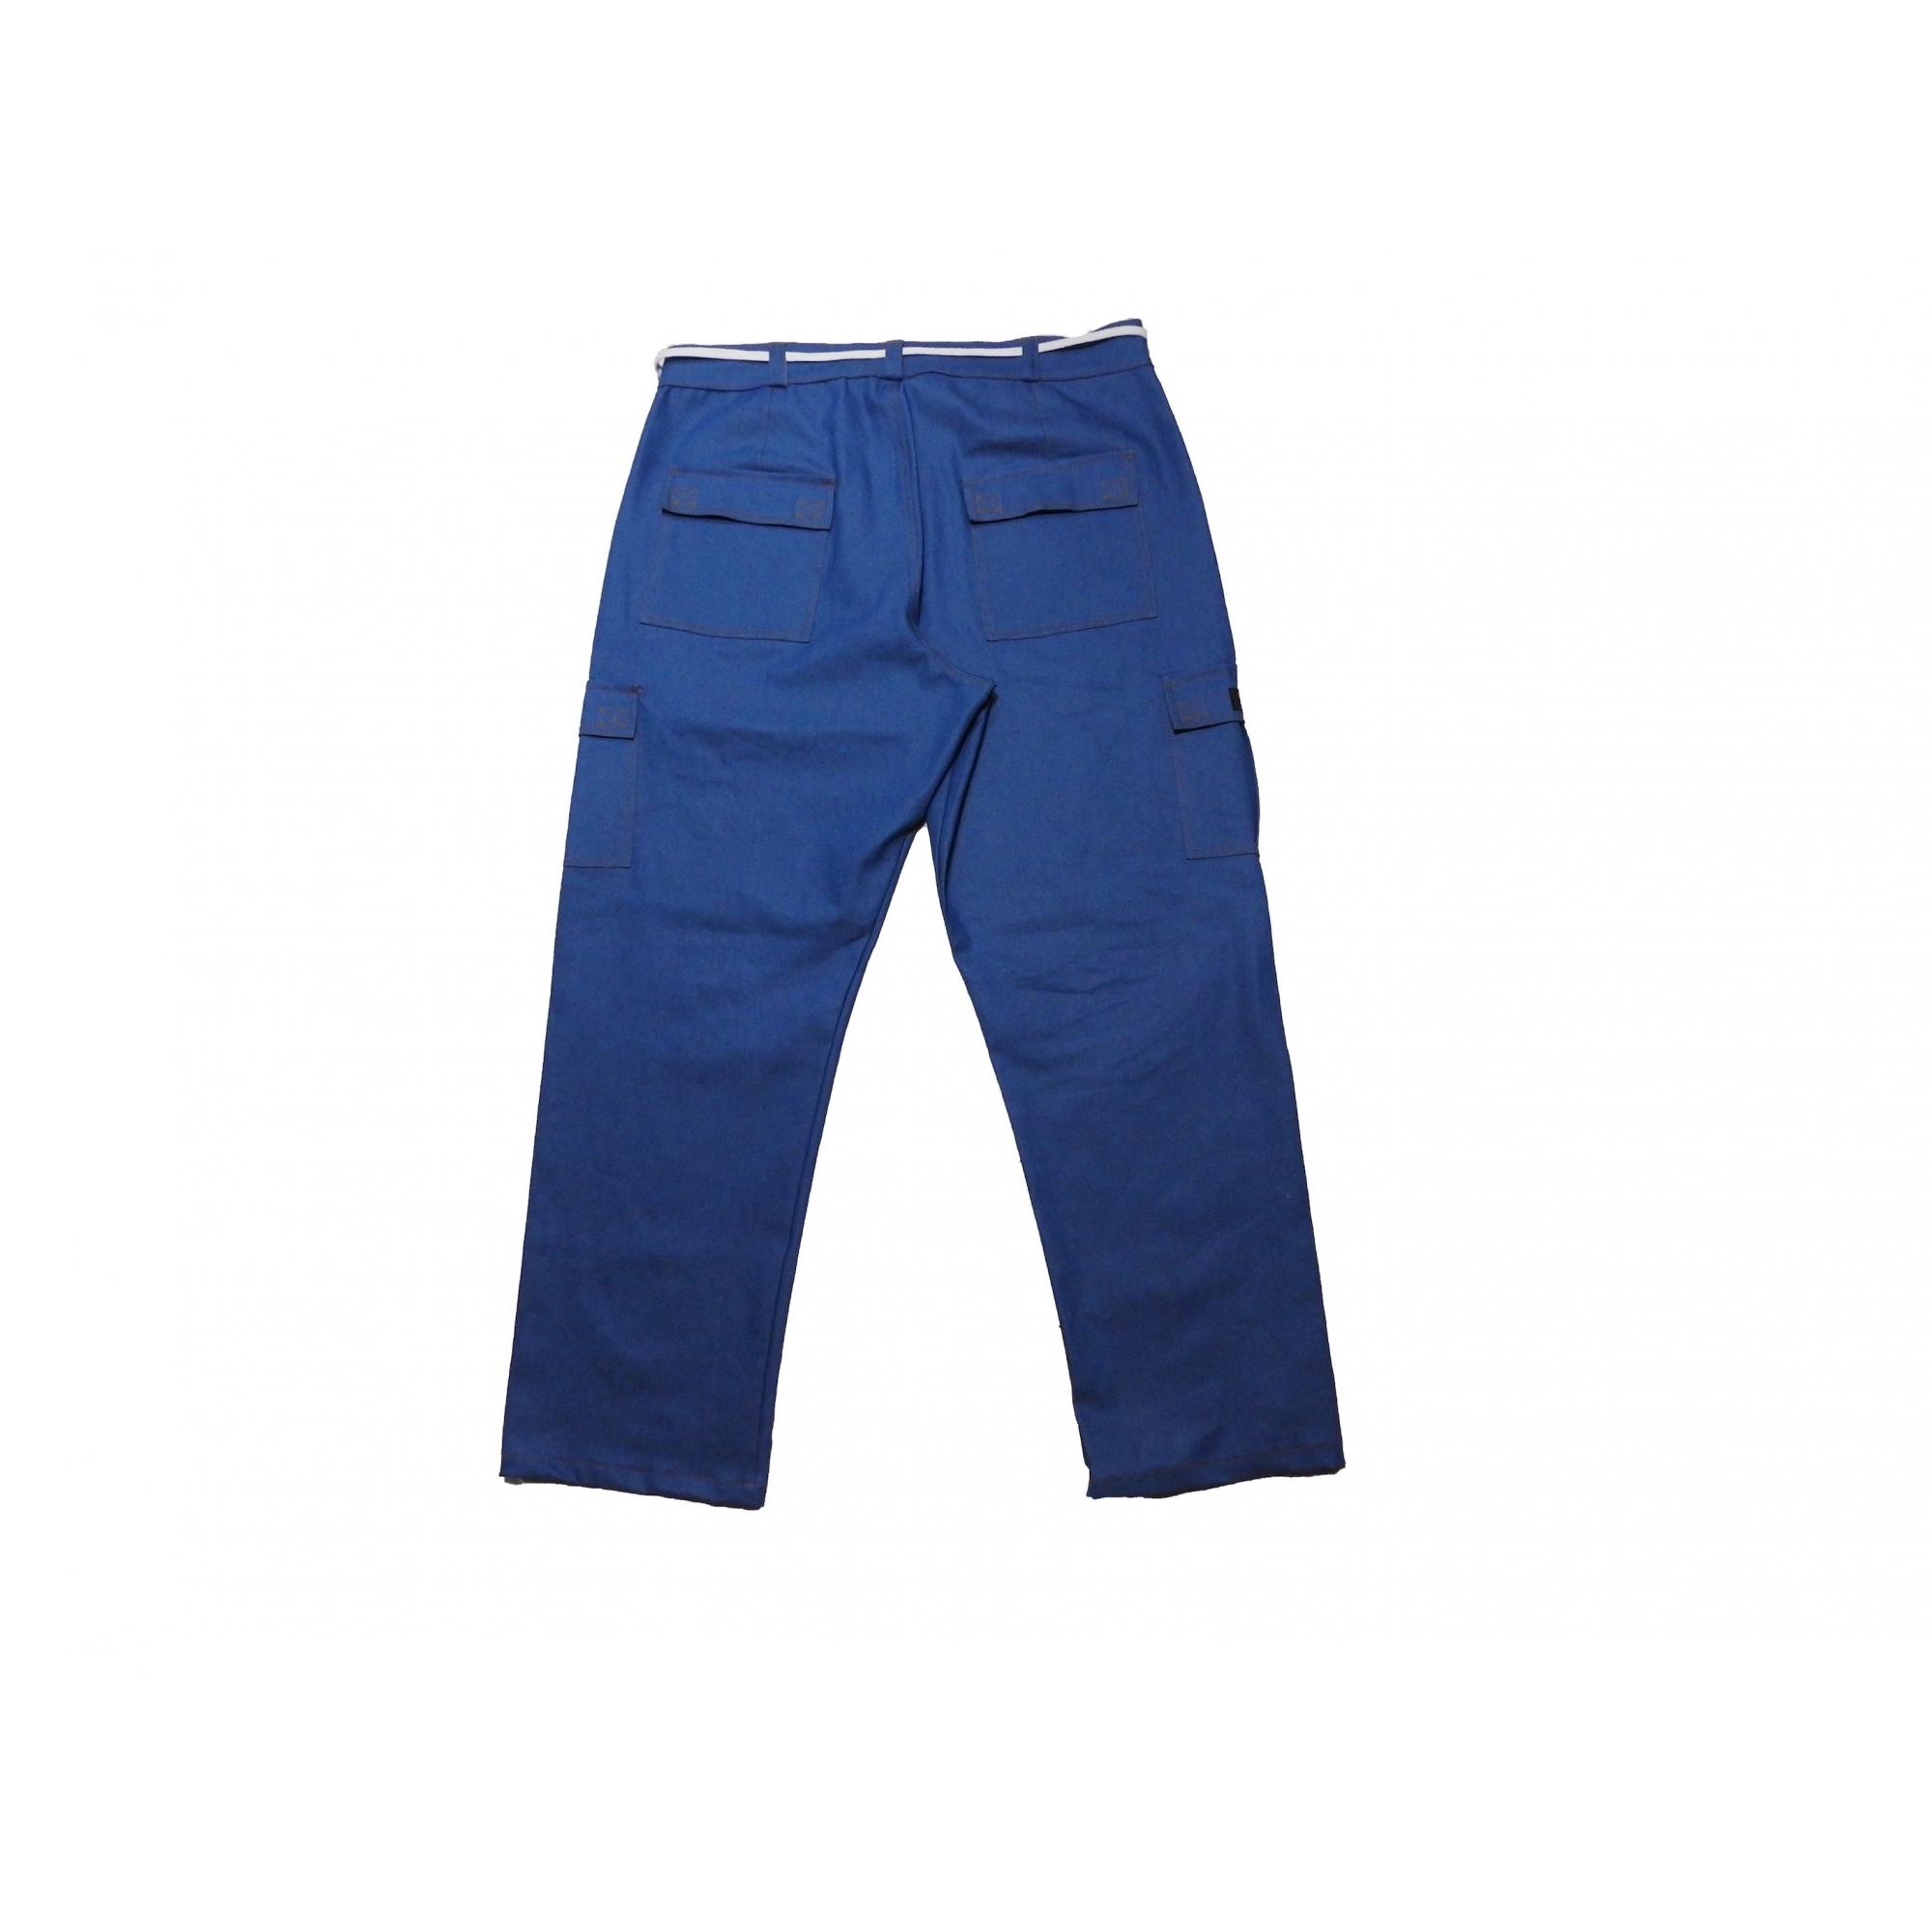 Calça Square Skate Cargo Jeans